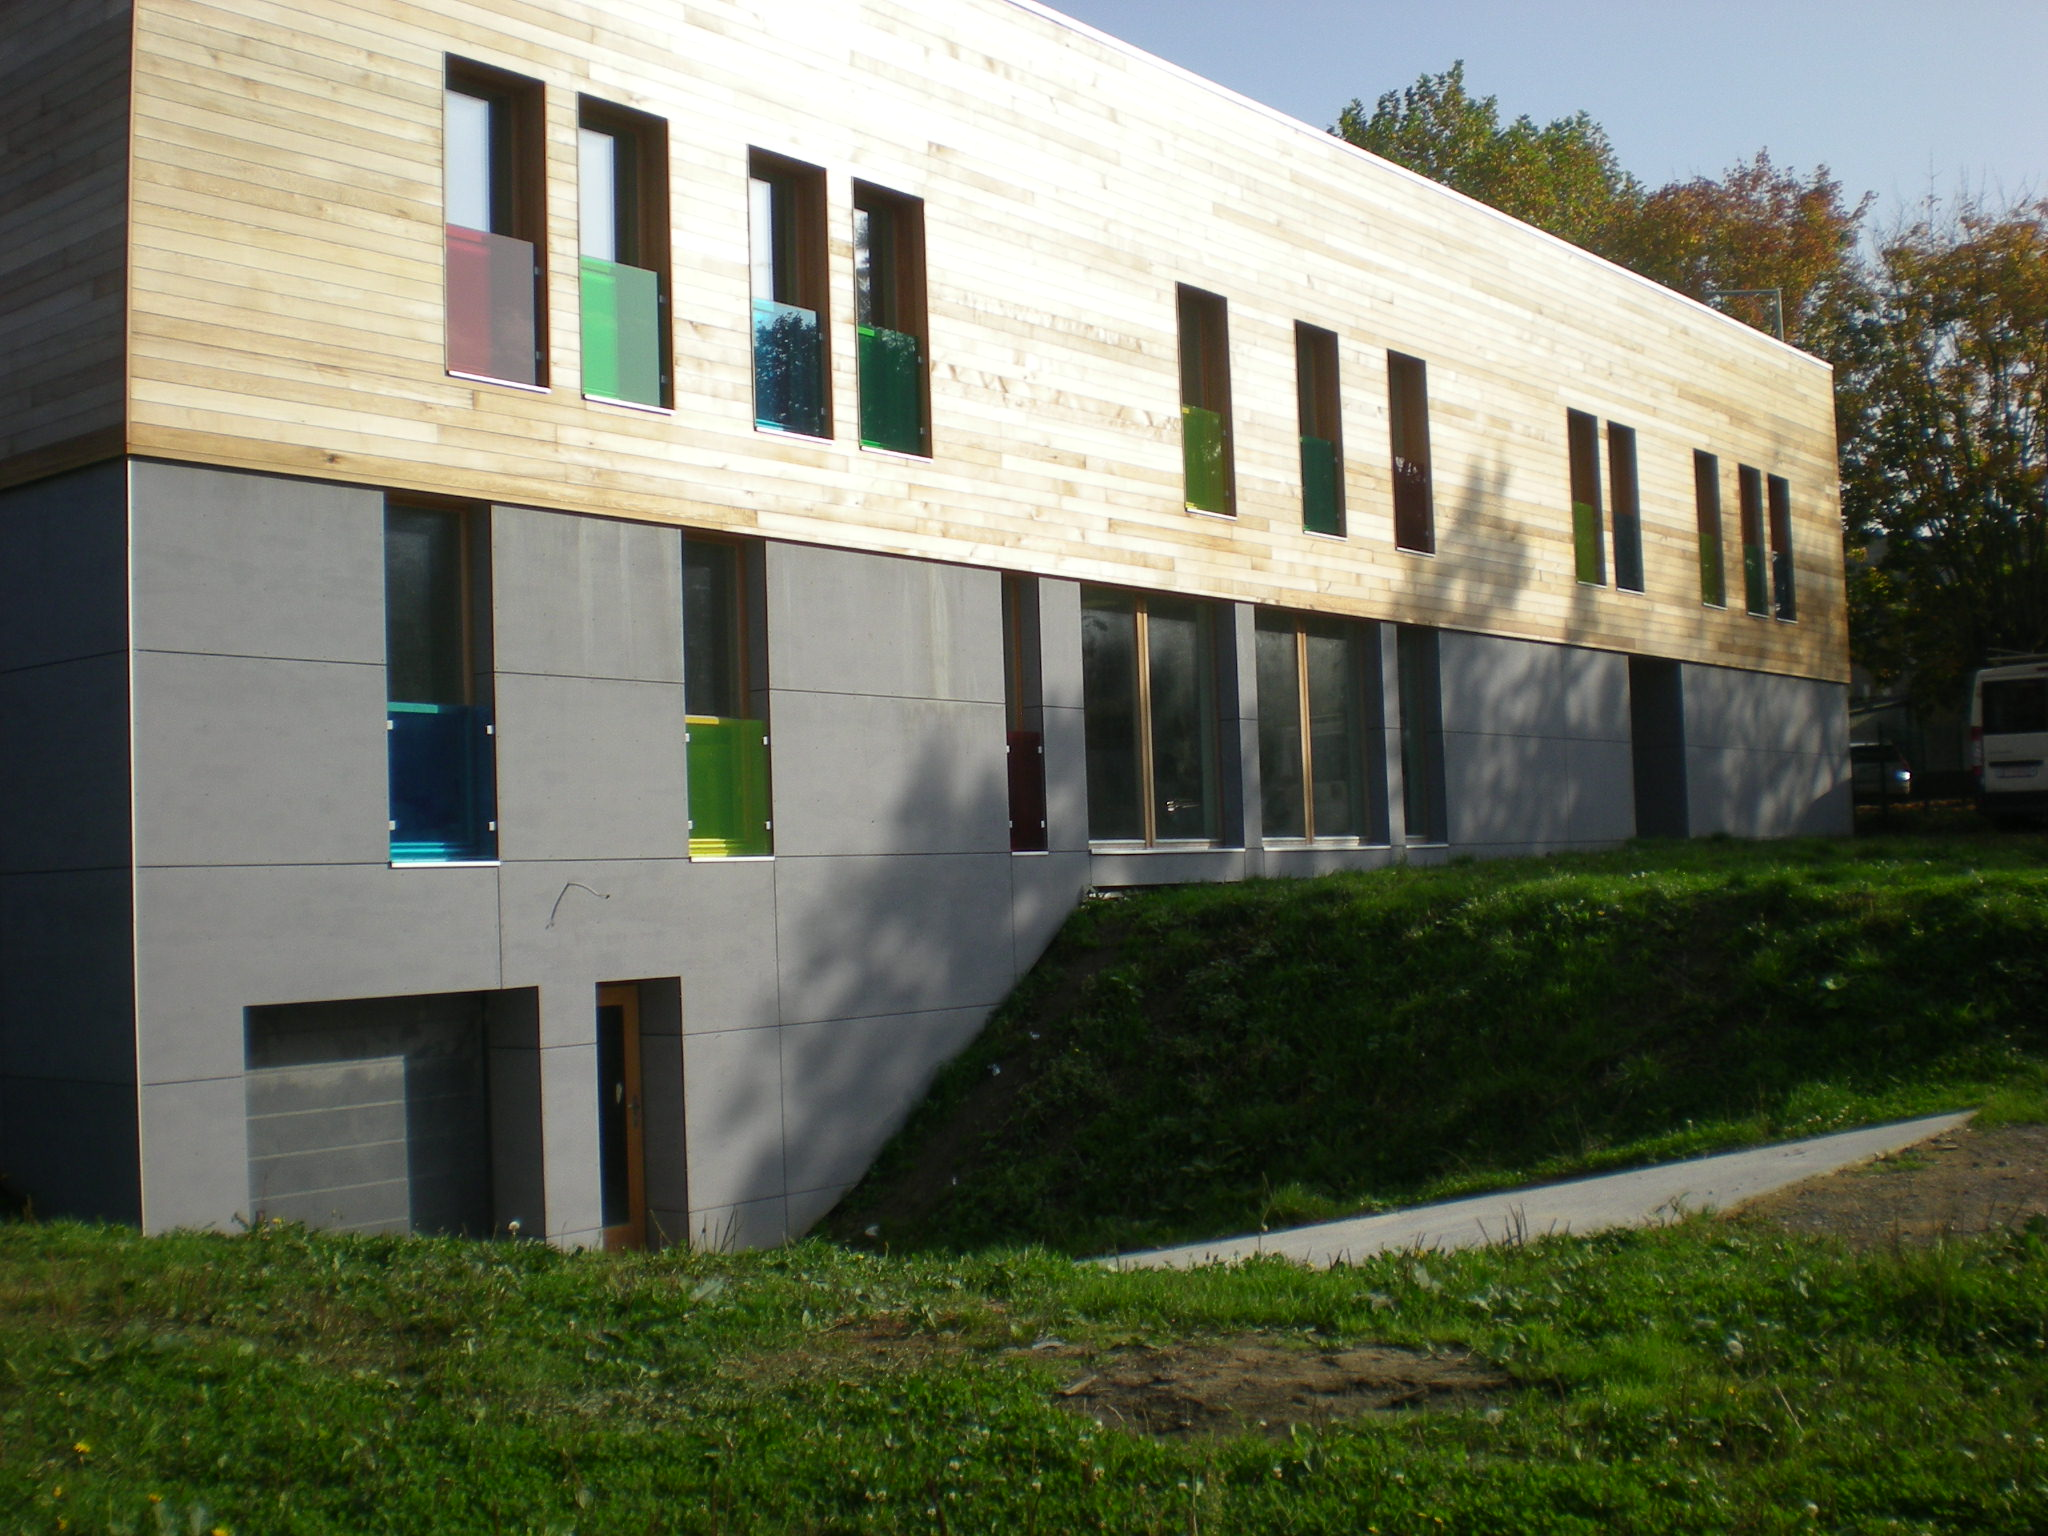 maison-d-accueil-pour-enfants-a-luingne-mouscron-association-momentannee-m-meunier-j-f-westrade-et-g-pollet